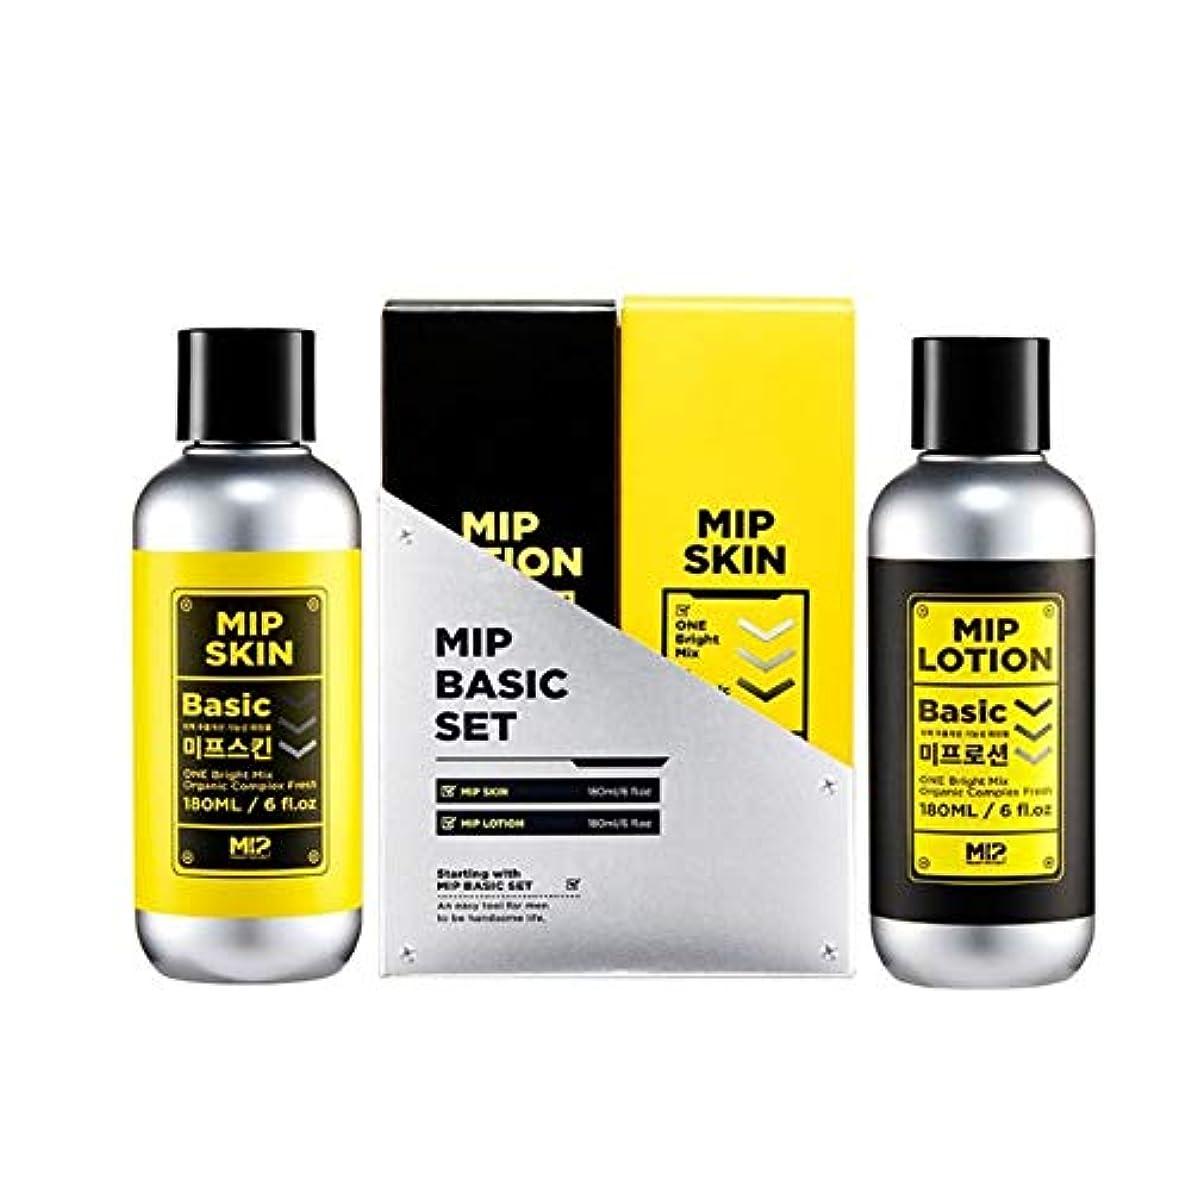 ゴミ電気猫背ミップスキン180mlローション180mlセットメンズコスメ韓国コスメ、Mip Skin 180ml Lotion 180ml Set Men's Cosmetics Korean Cosmetics [並行輸入品]